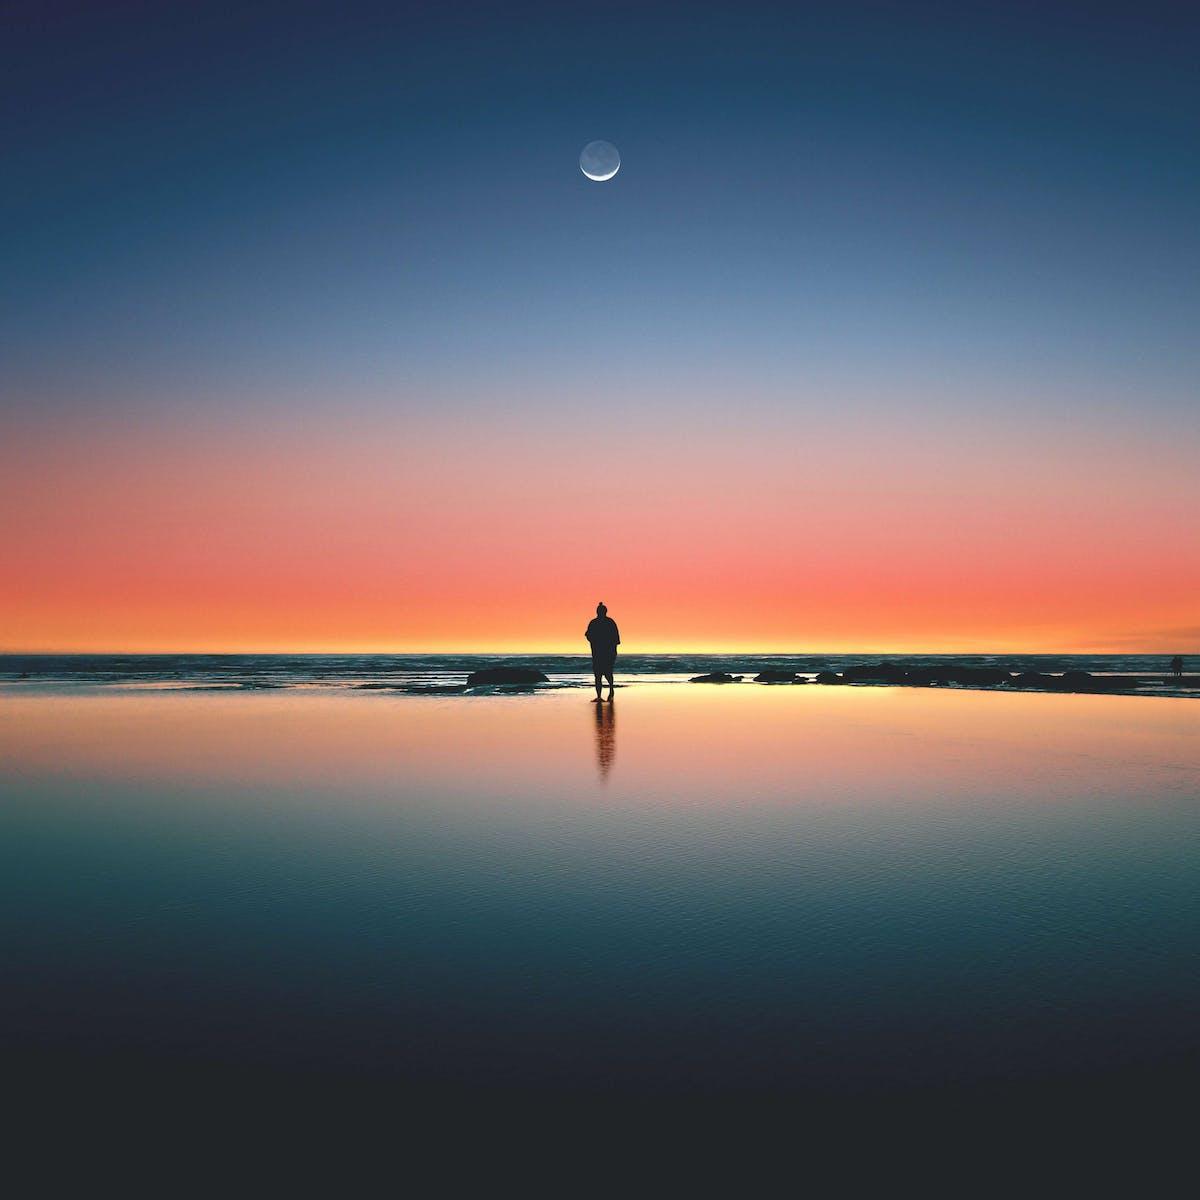 L'influence de la lune sur la pêche est certaine